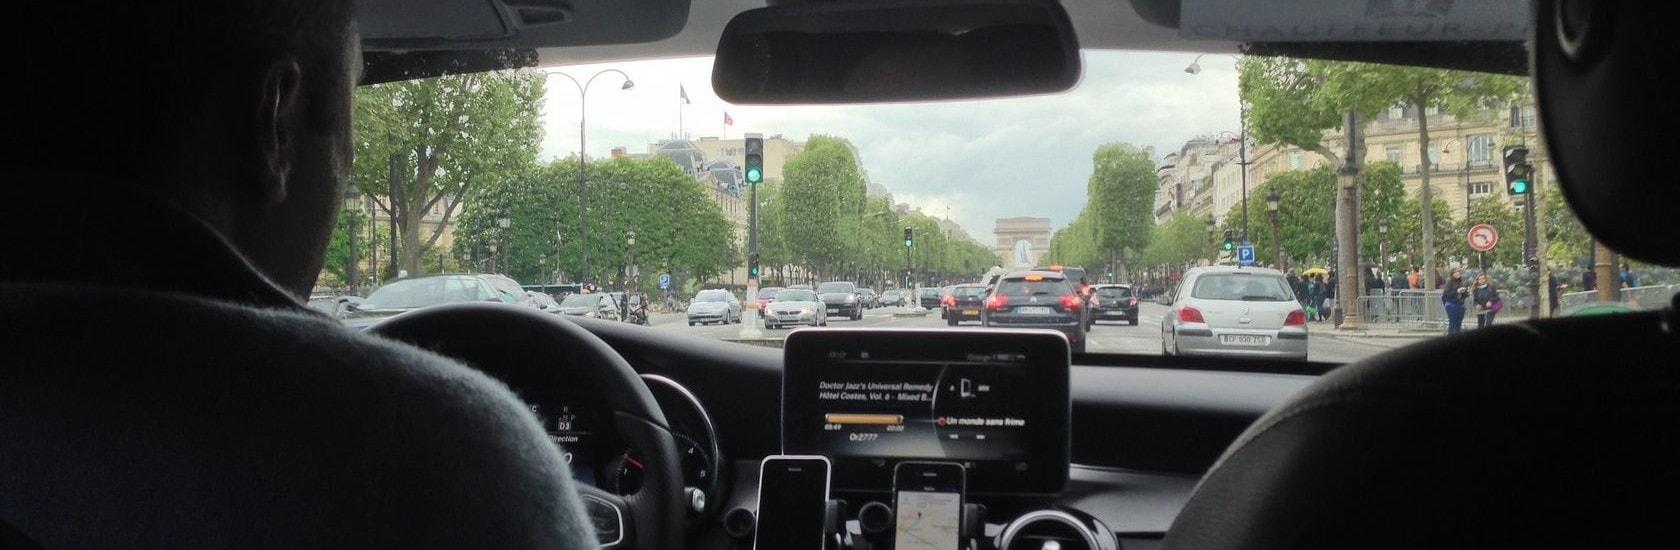 Autour d'Uber et des VTC, un éco-système se met en place